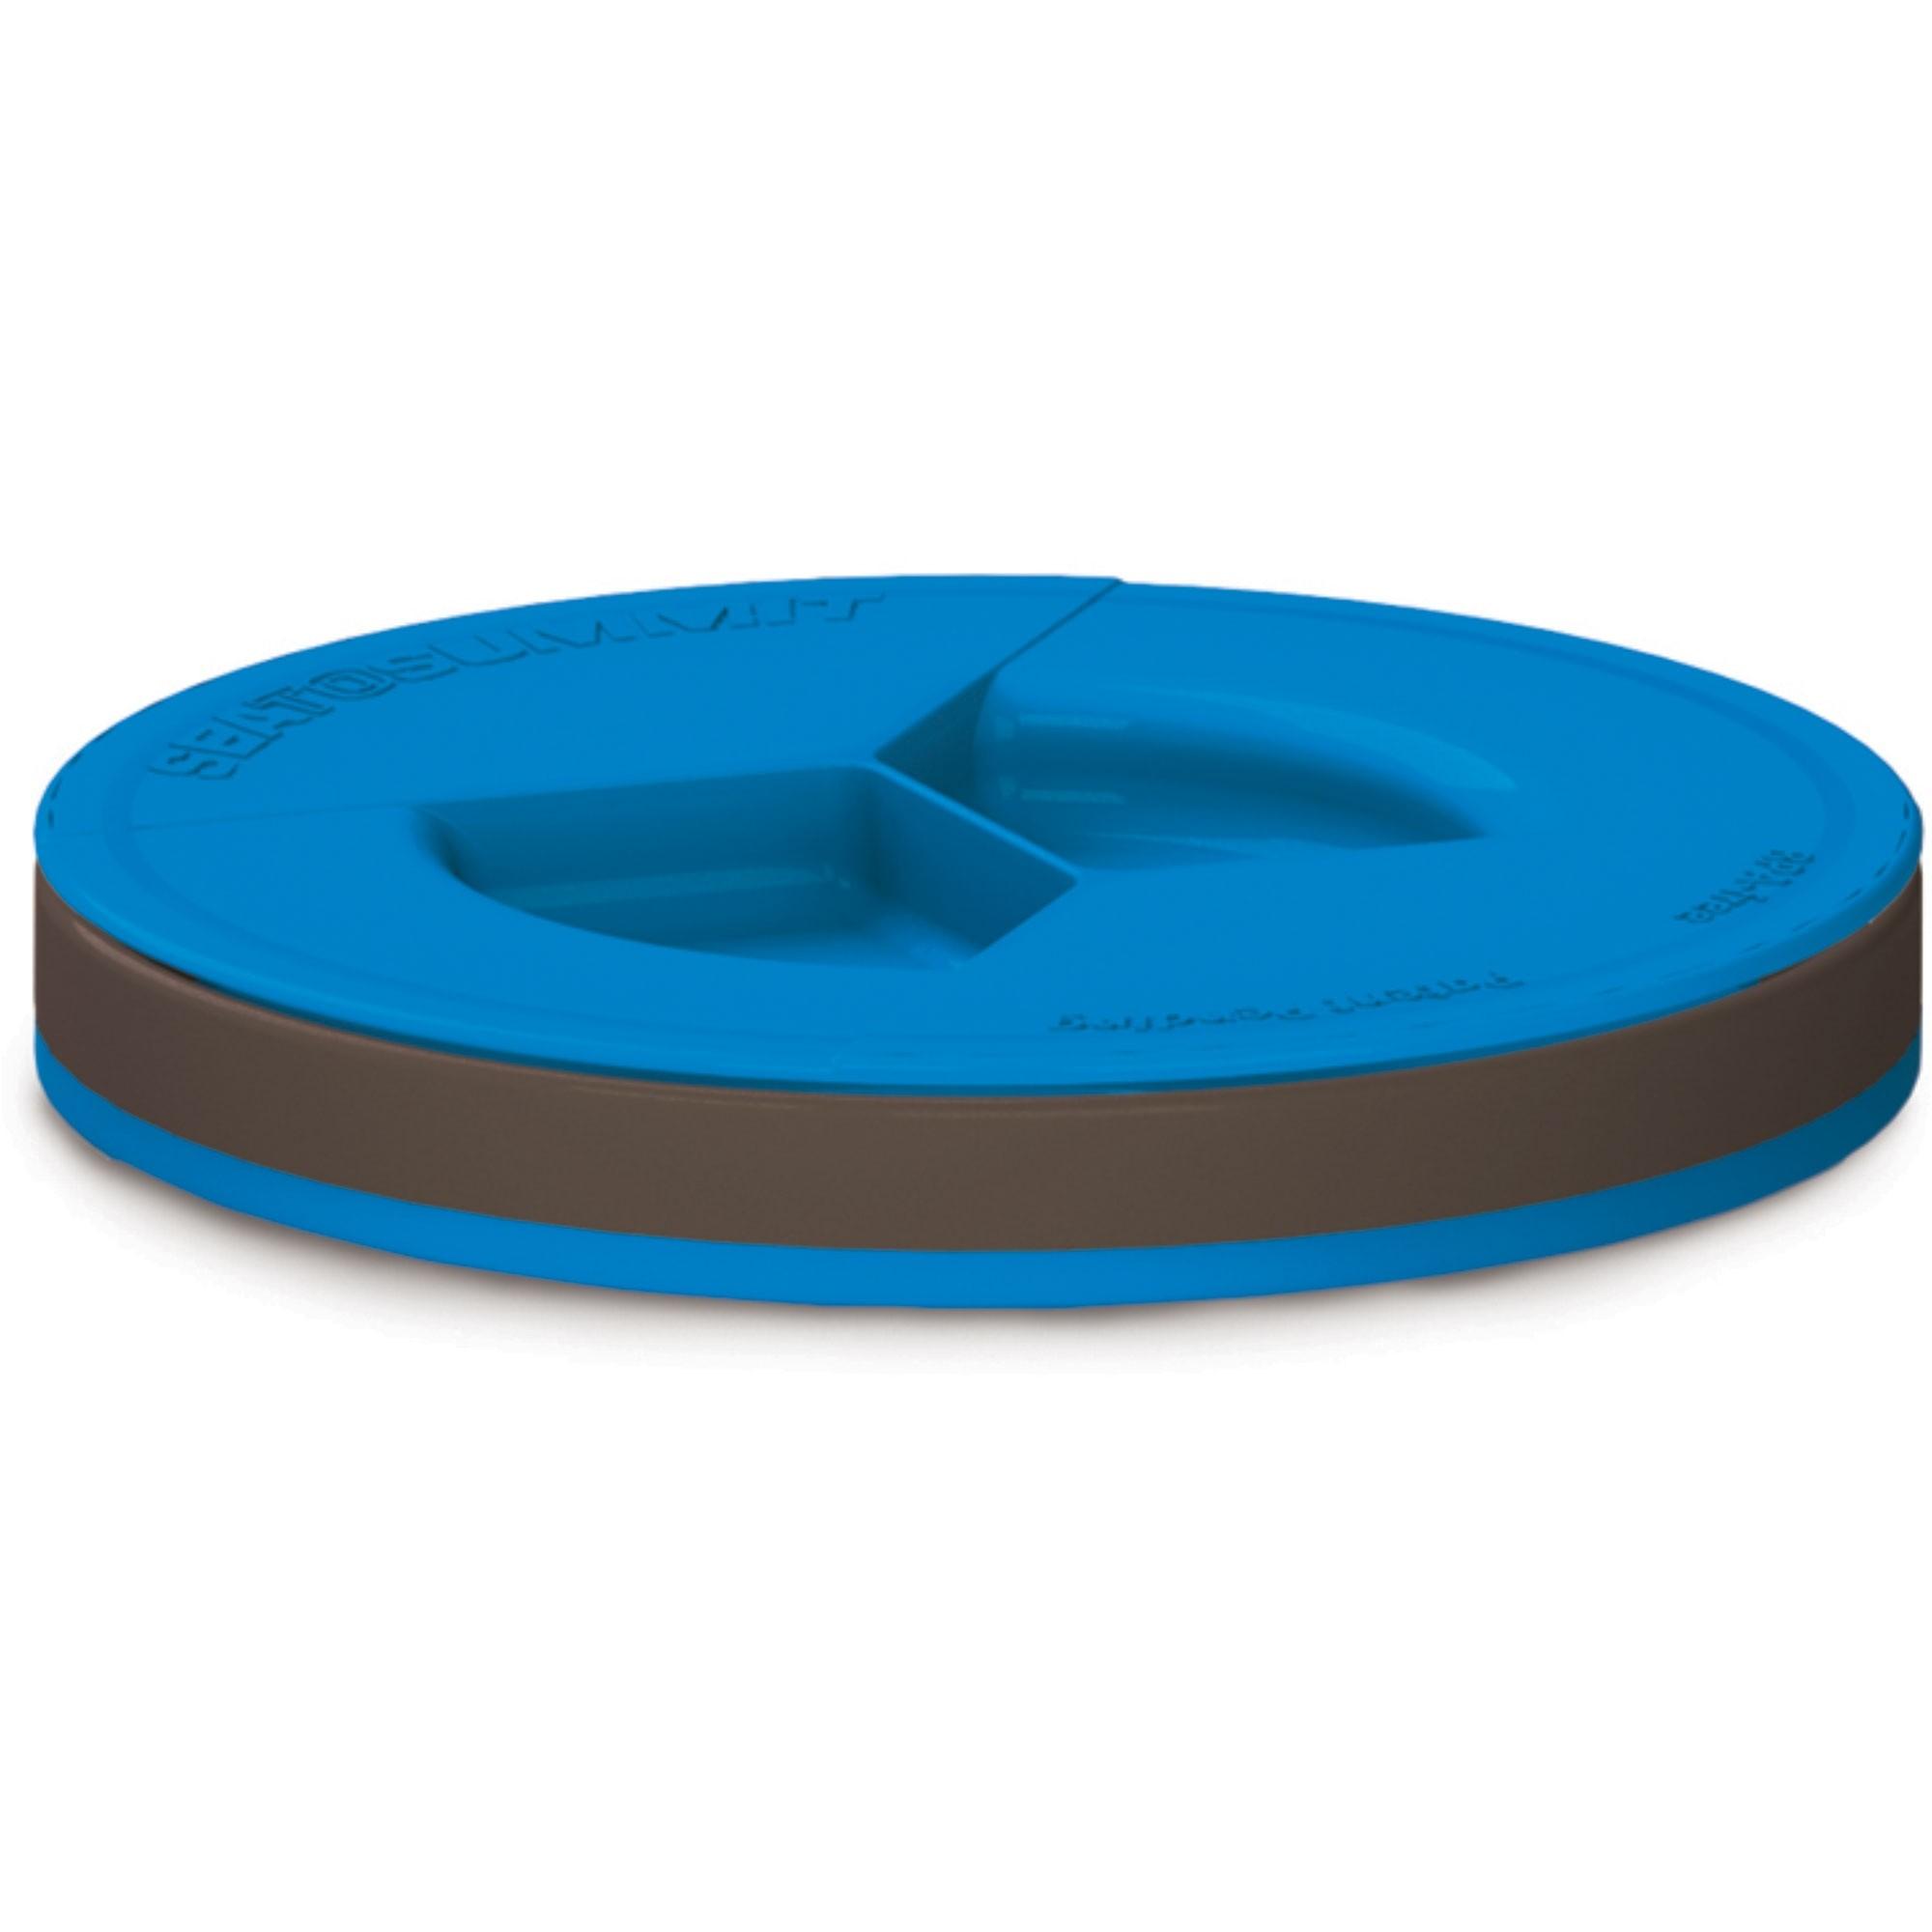 Sea to Summit X-Seal & Go - Royal Blue - Medium